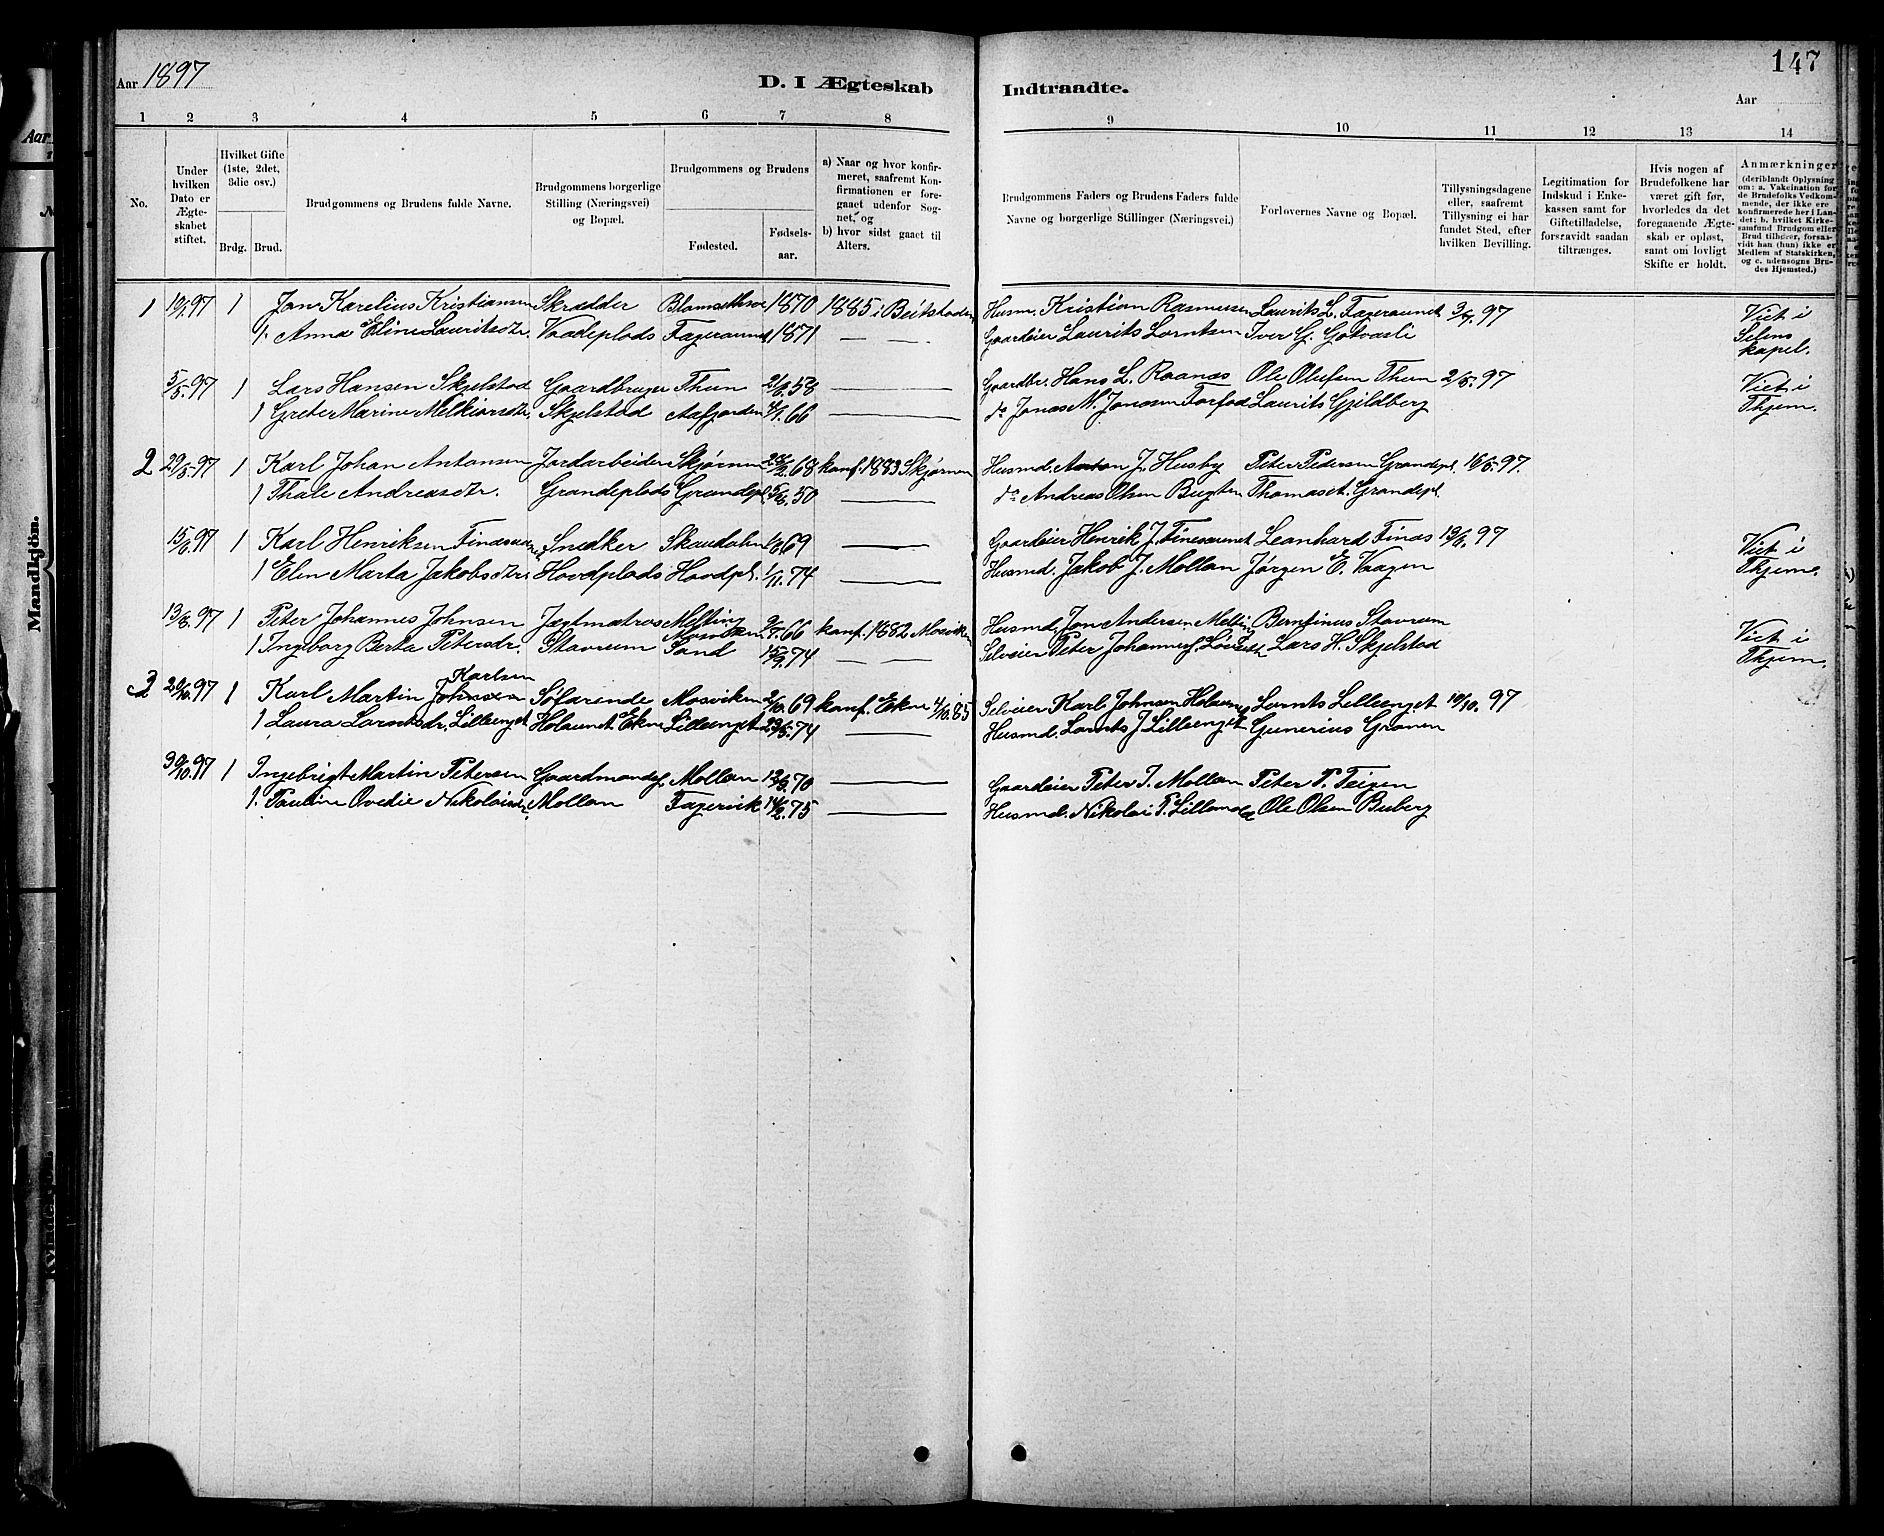 SAT, Ministerialprotokoller, klokkerbøker og fødselsregistre - Nord-Trøndelag, 744/L0423: Klokkerbok nr. 744C02, 1886-1905, s. 147